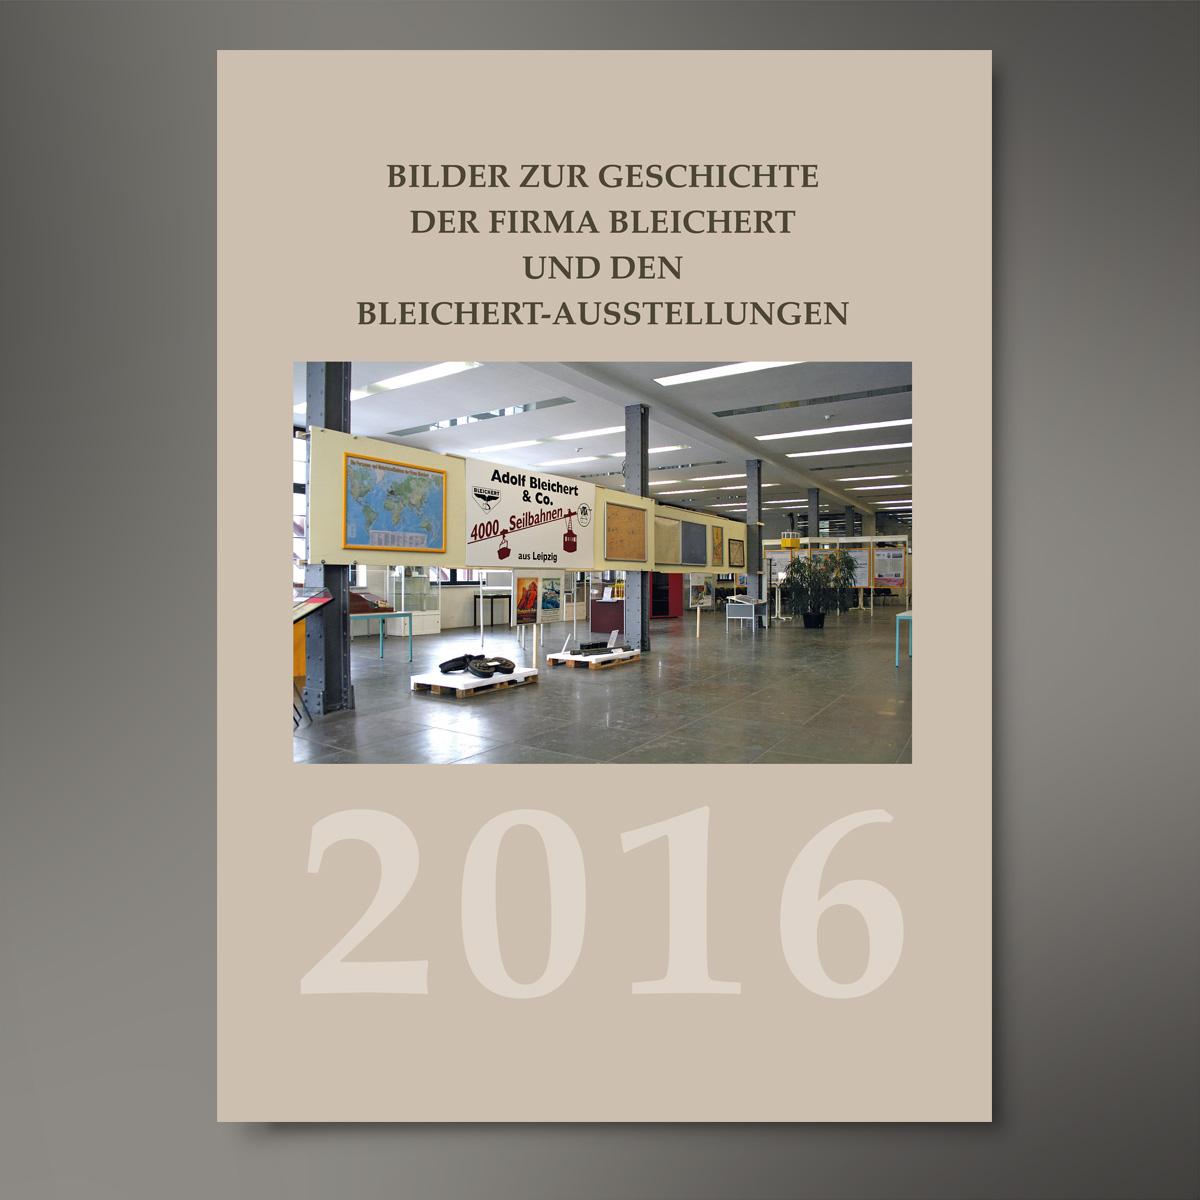 Designkosmetische Beratung; Farbkonzeption, Typografie, Gesamtherstellung Bleichertkalender 2016 des Bürgervereins Gohlis e. V.